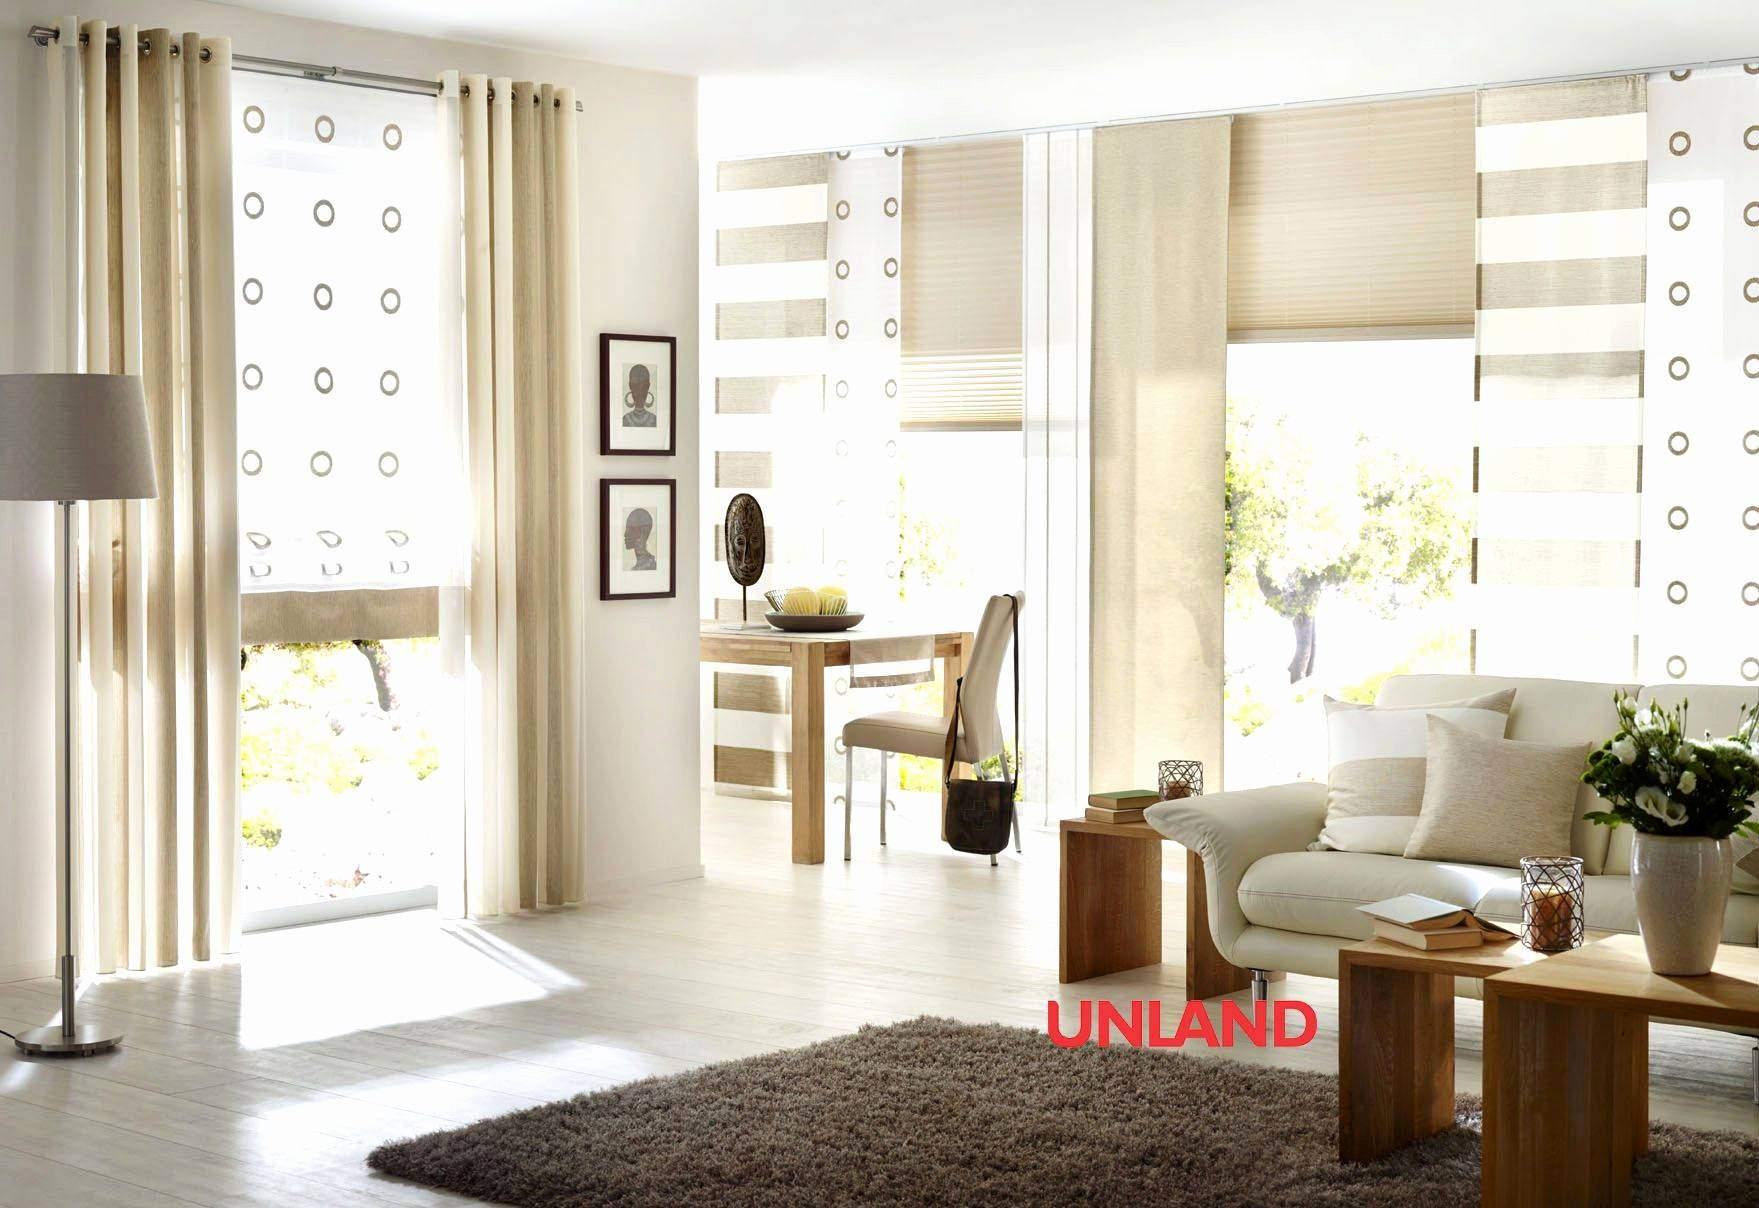 Full Size of Landhaus Gardinen Wohnzimmer Luxus Lovely Schlafzimmer Regal Landhausstil Fenster Landhausküche Weiß Esstisch Für Weisse Bett Küche Gebraucht Wohnzimmer Landhaus Gardinen